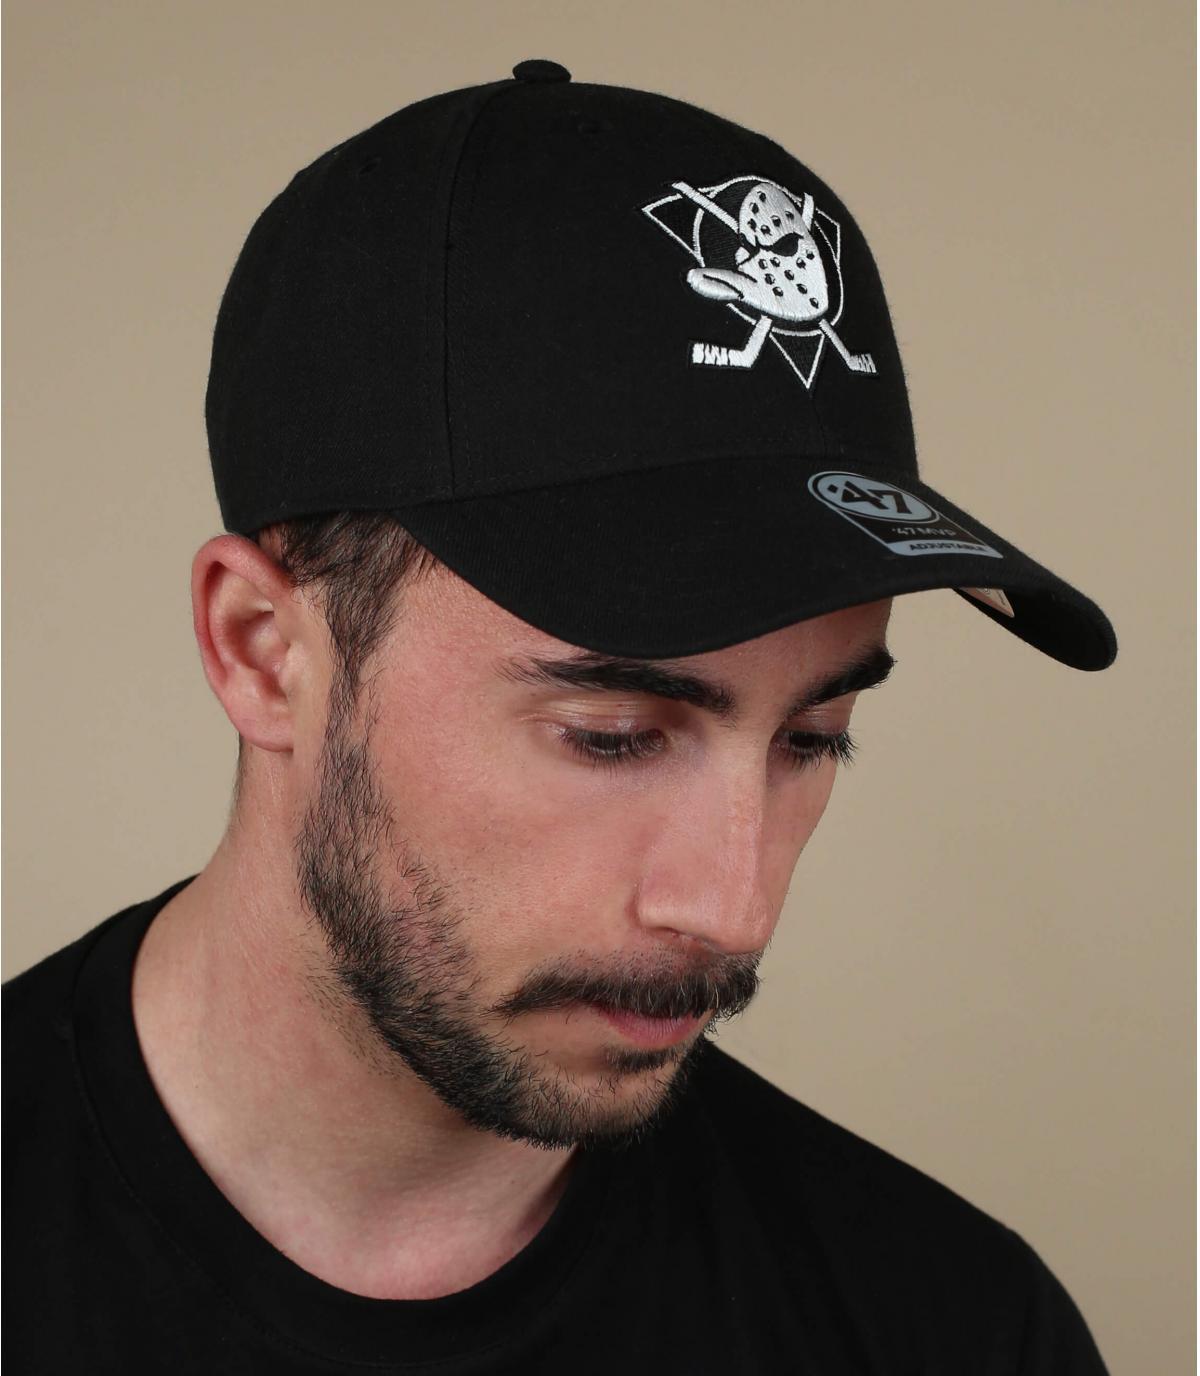 black Anaheim cap